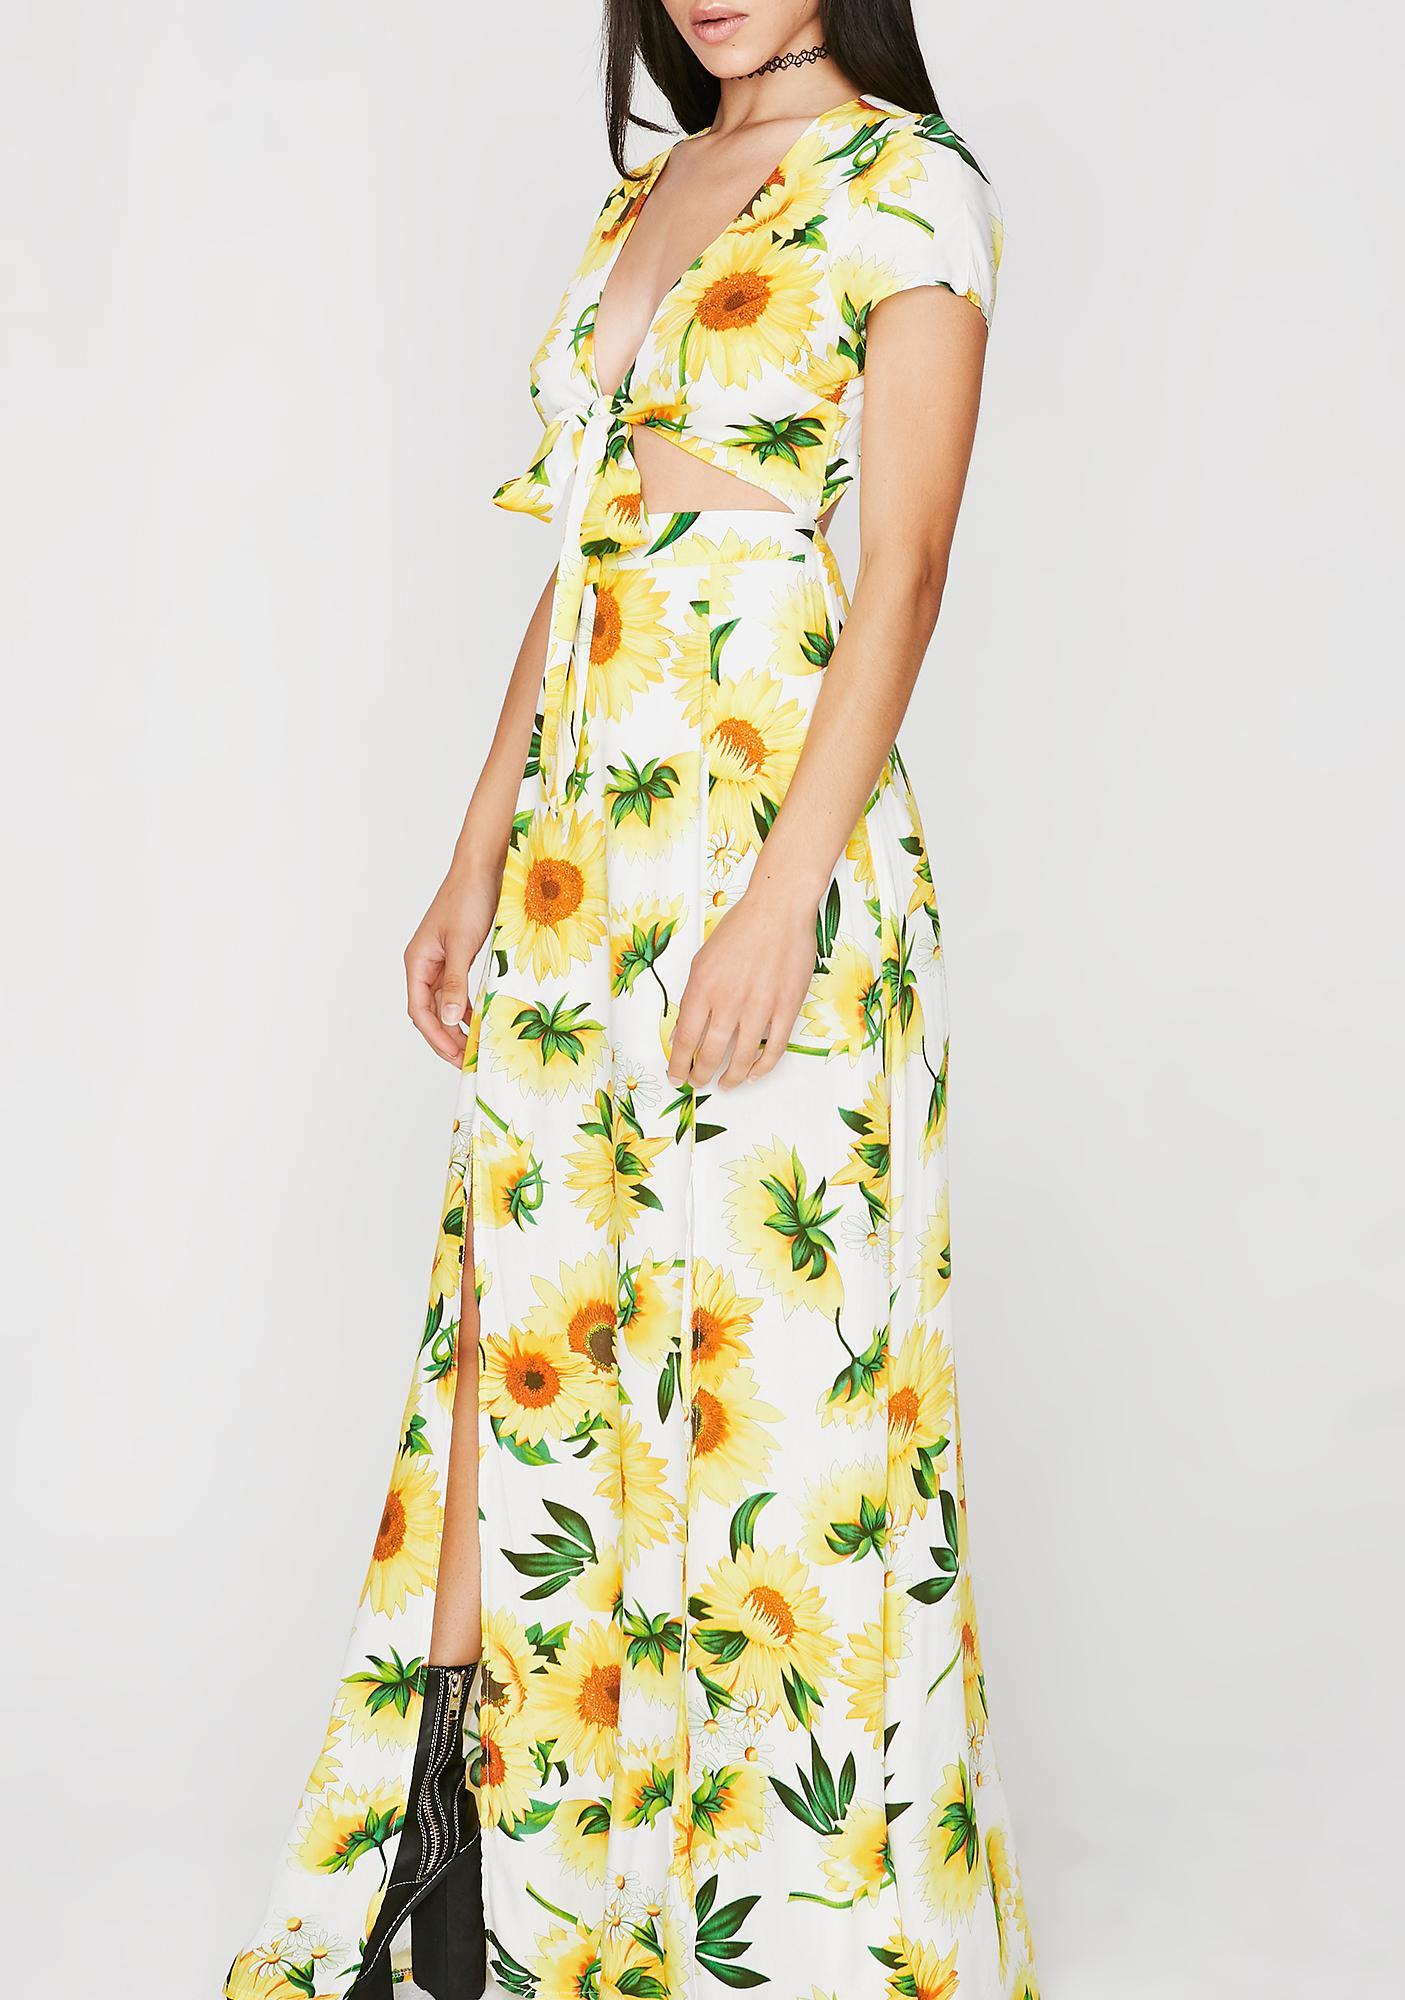 Funflower Maxi Dress